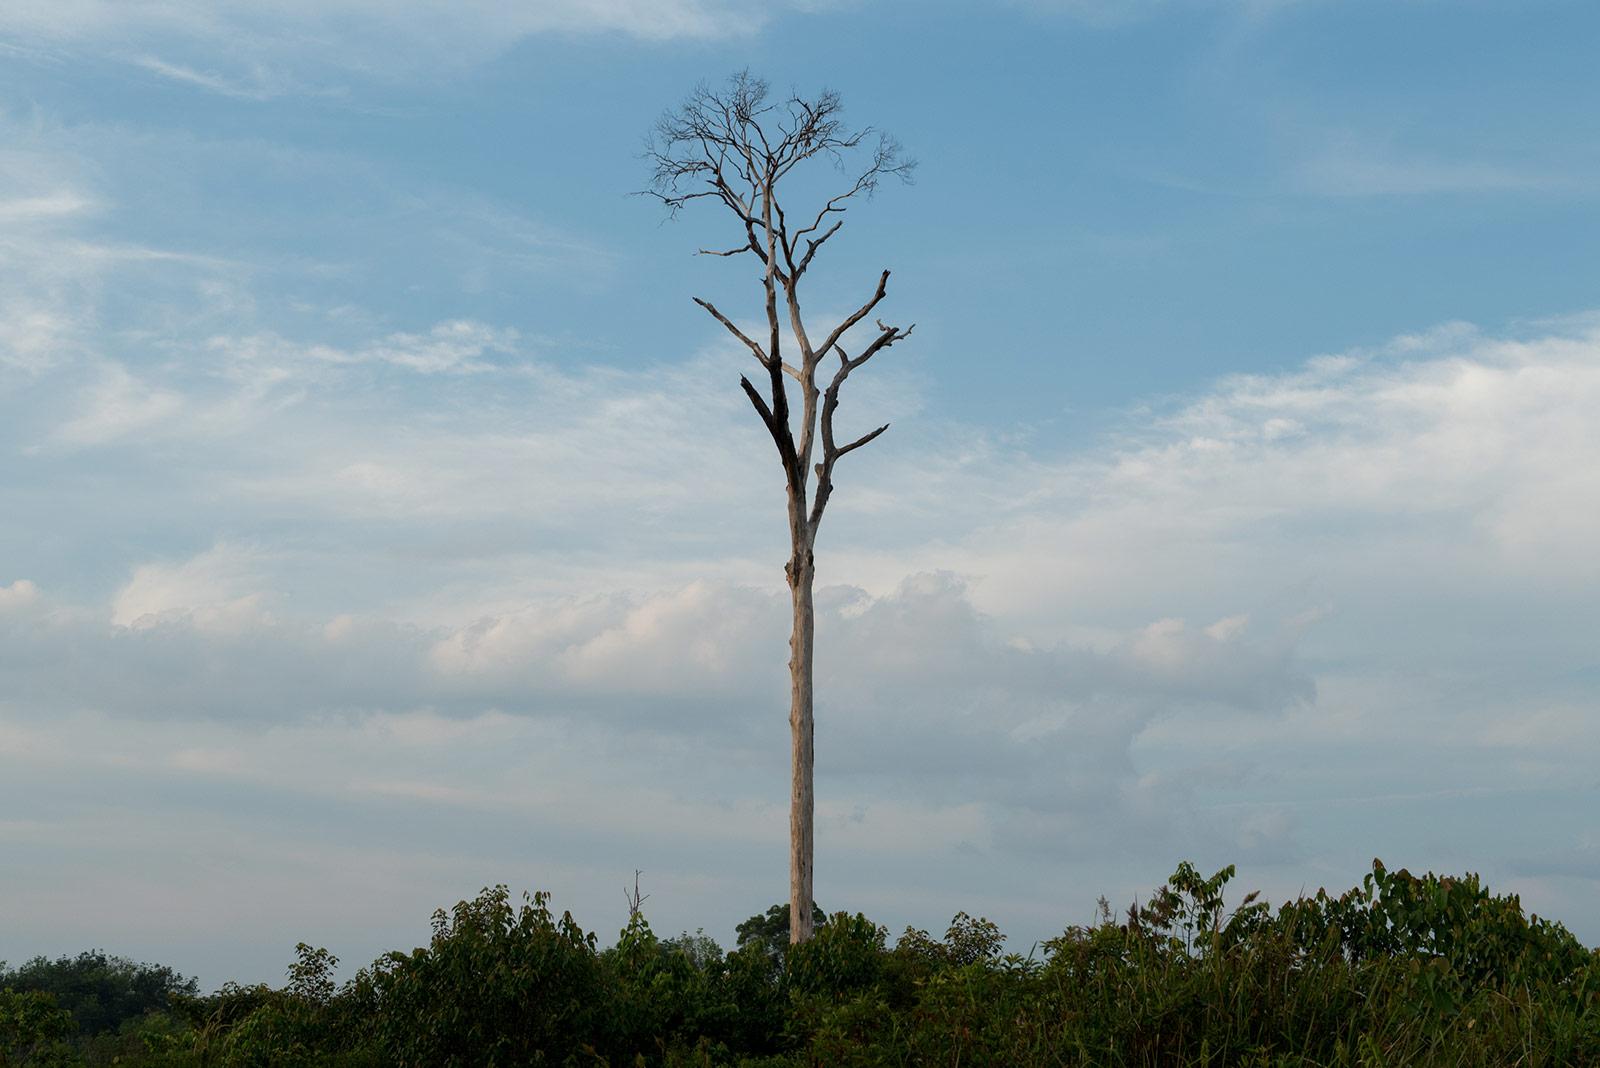 Home: The Photographs - Broken Home #2, near Bukit Tigapuluh National Park Sumatra, Indonesia